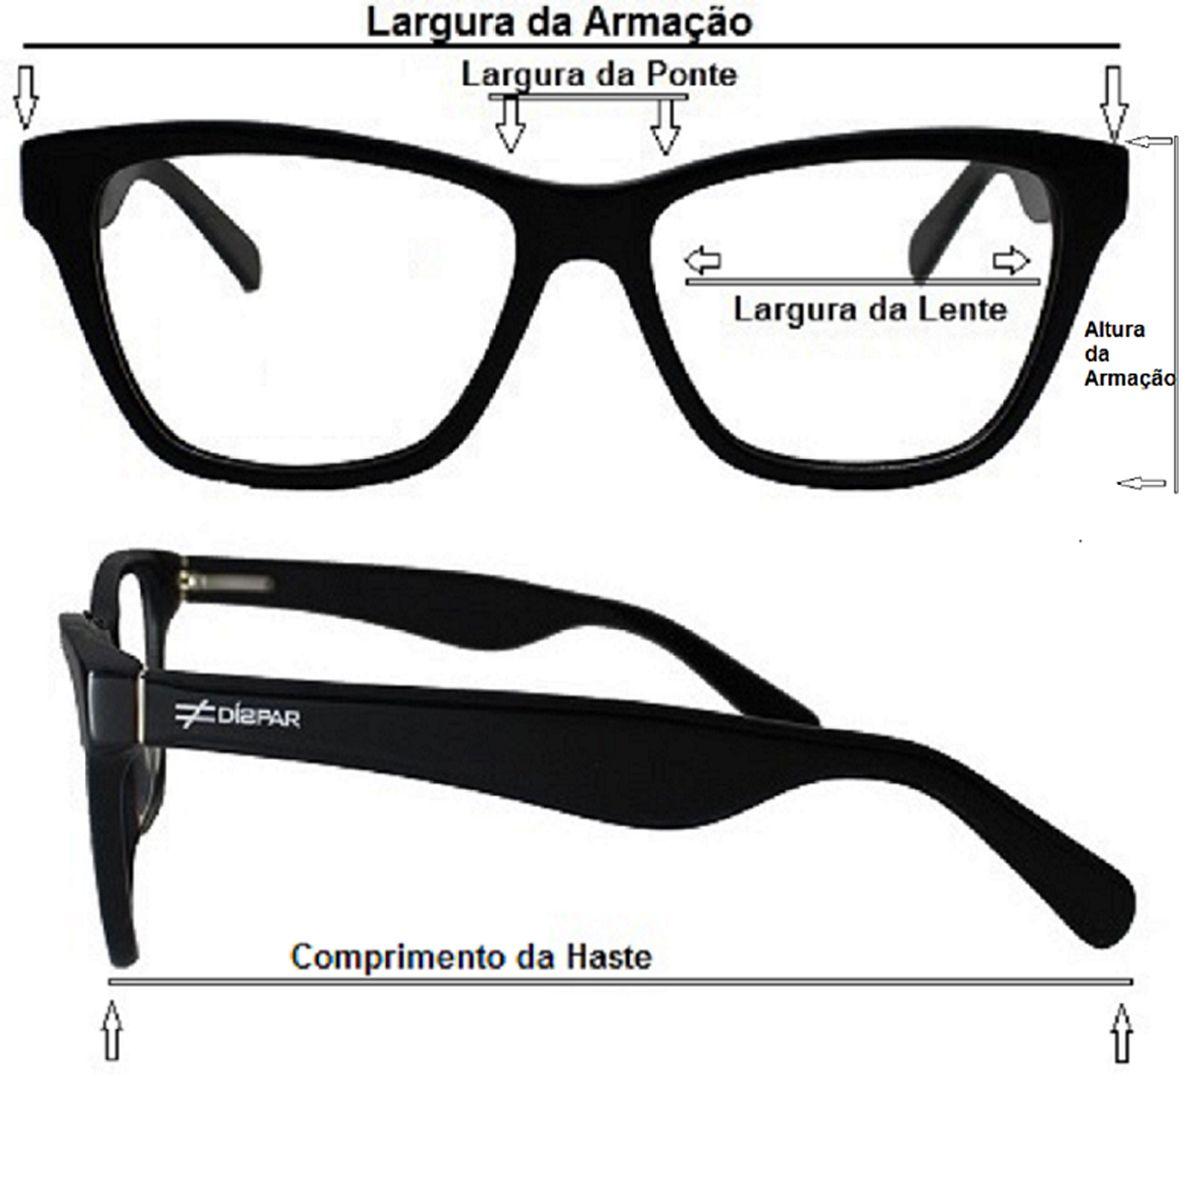 Óculos de Sol Díspar ID1899 infantil idade 6 a 9 anos Rose